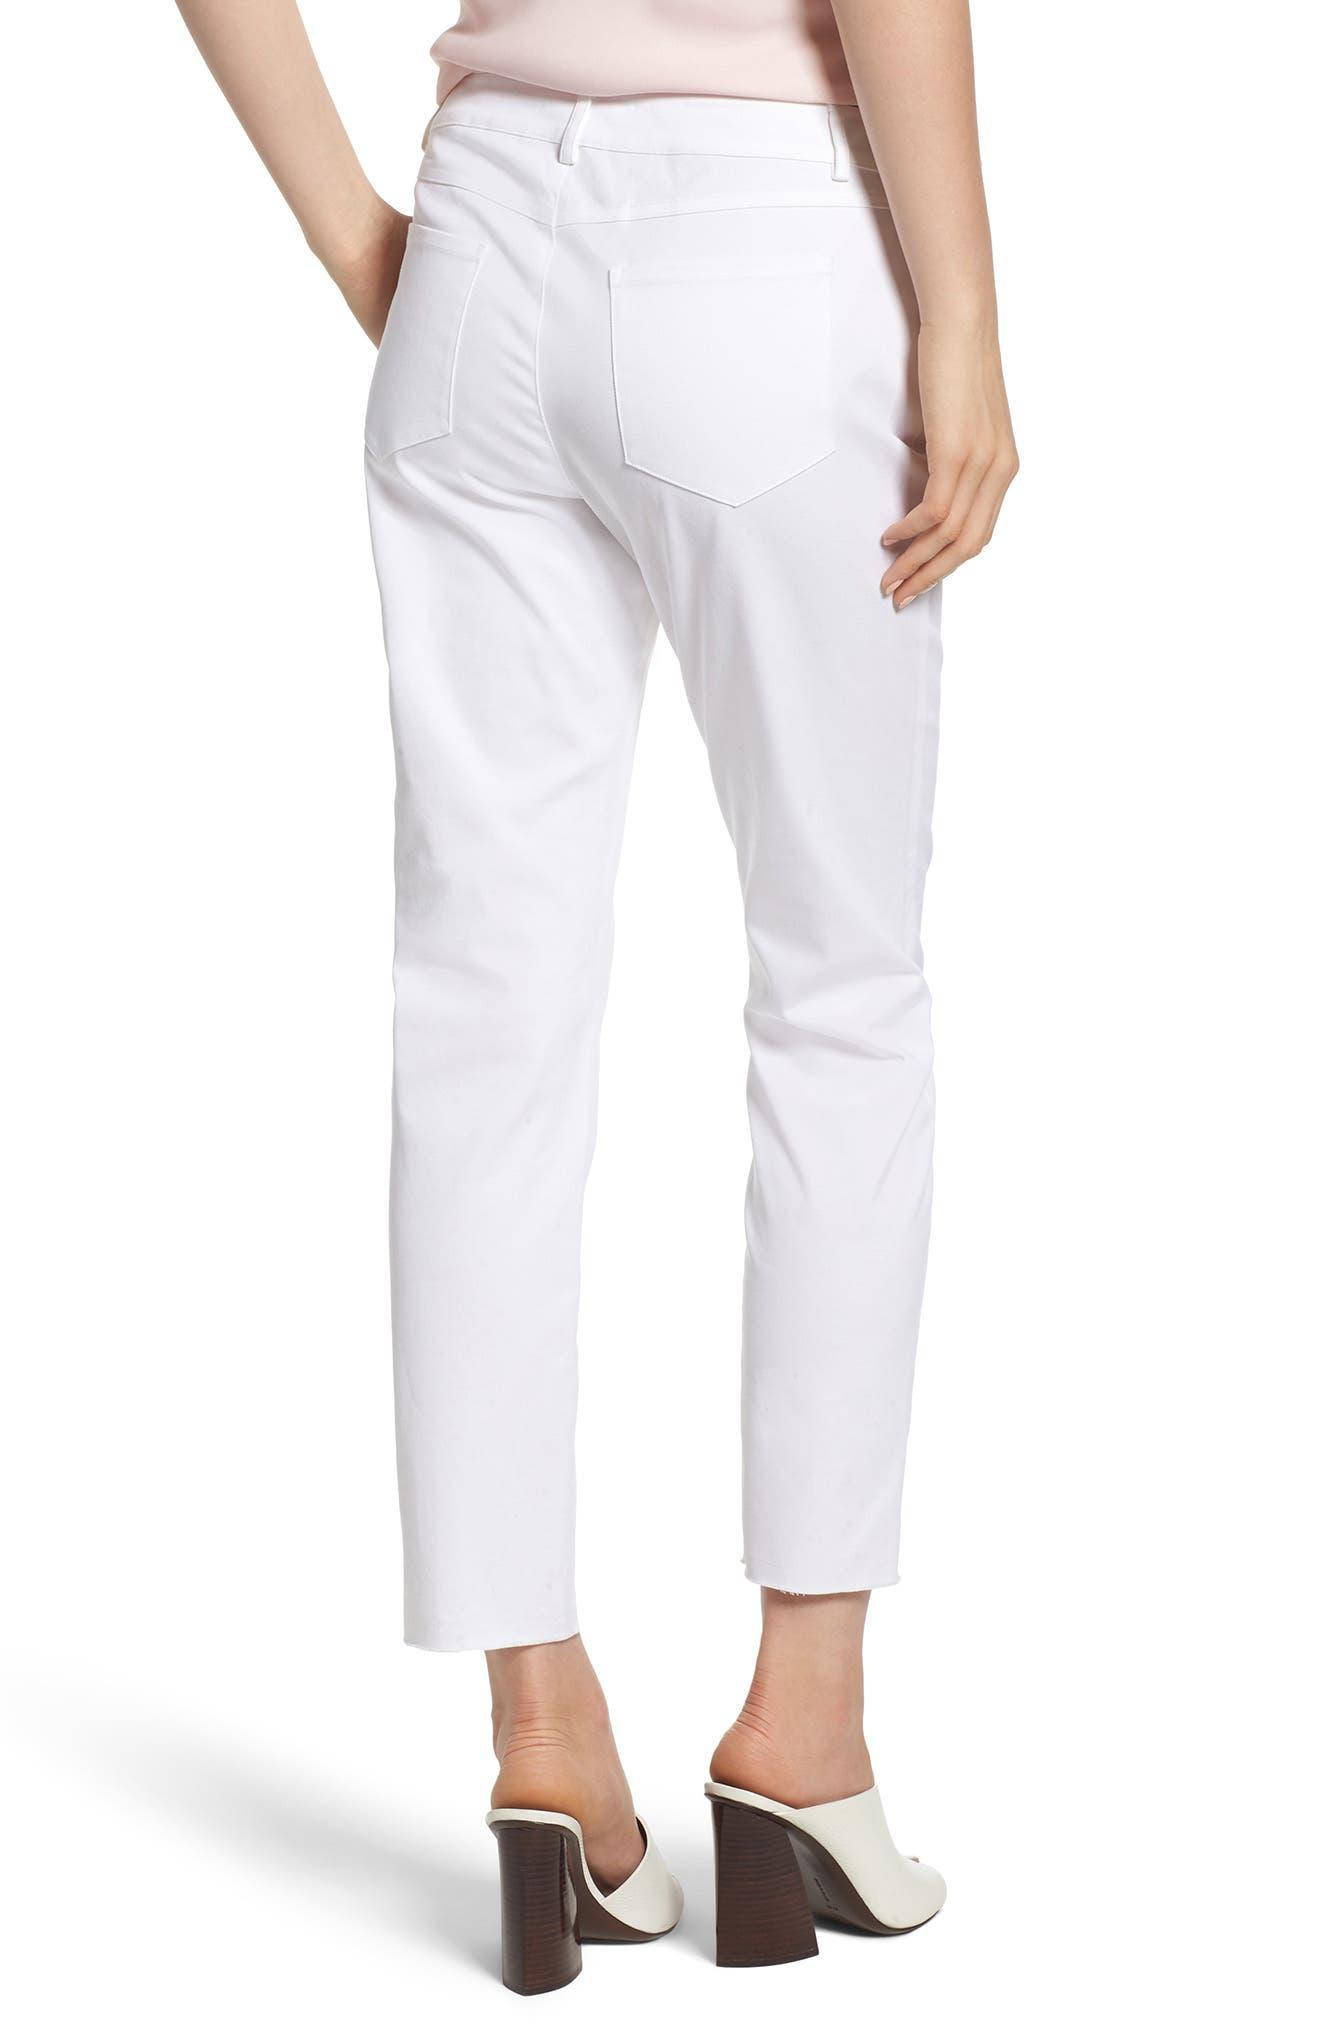 Jalanda Pants,                             Alternate thumbnail 2, color,                             White